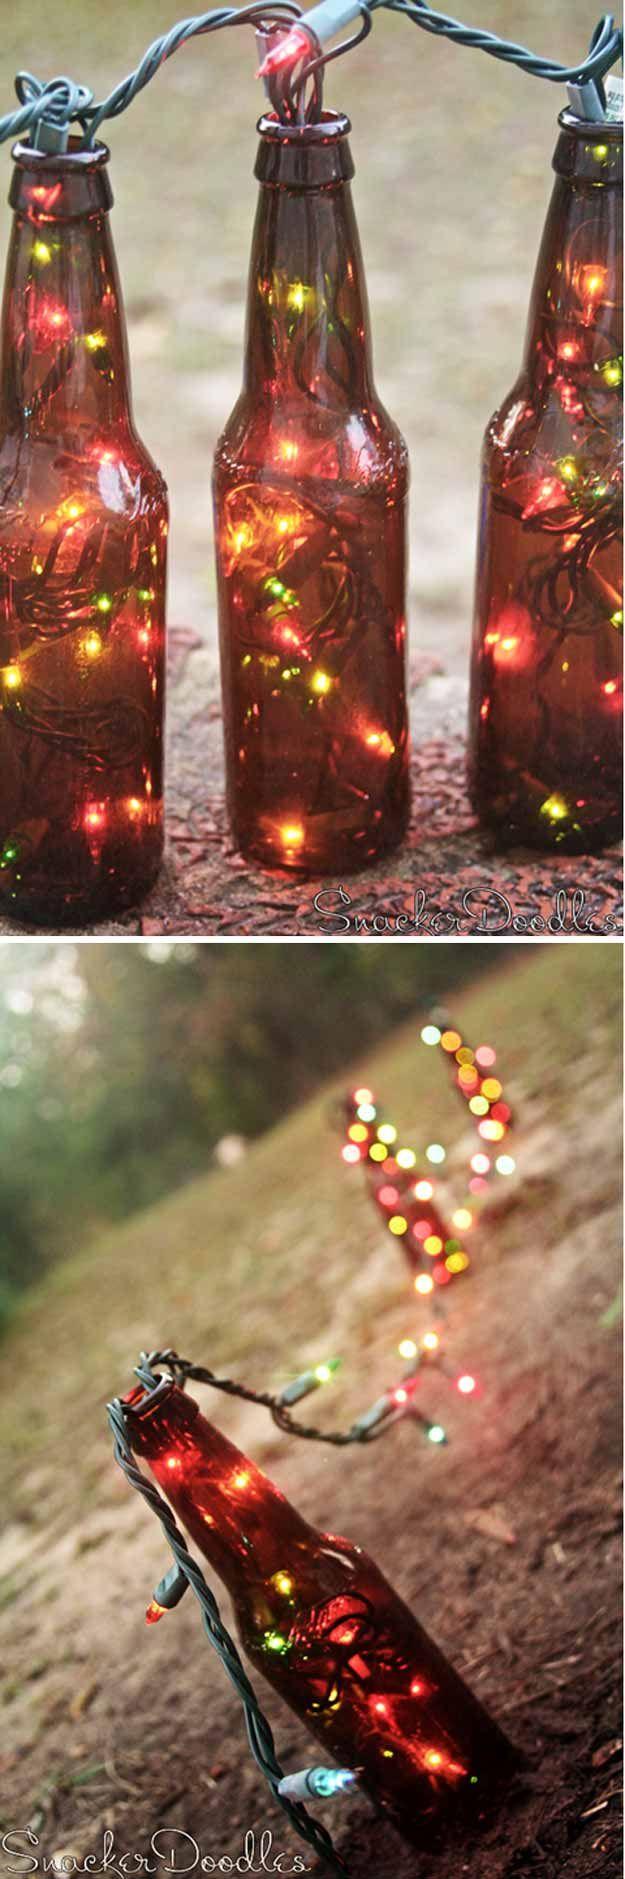 Beer Bottle Lights | 24 Creative Uses for Beer Bottles